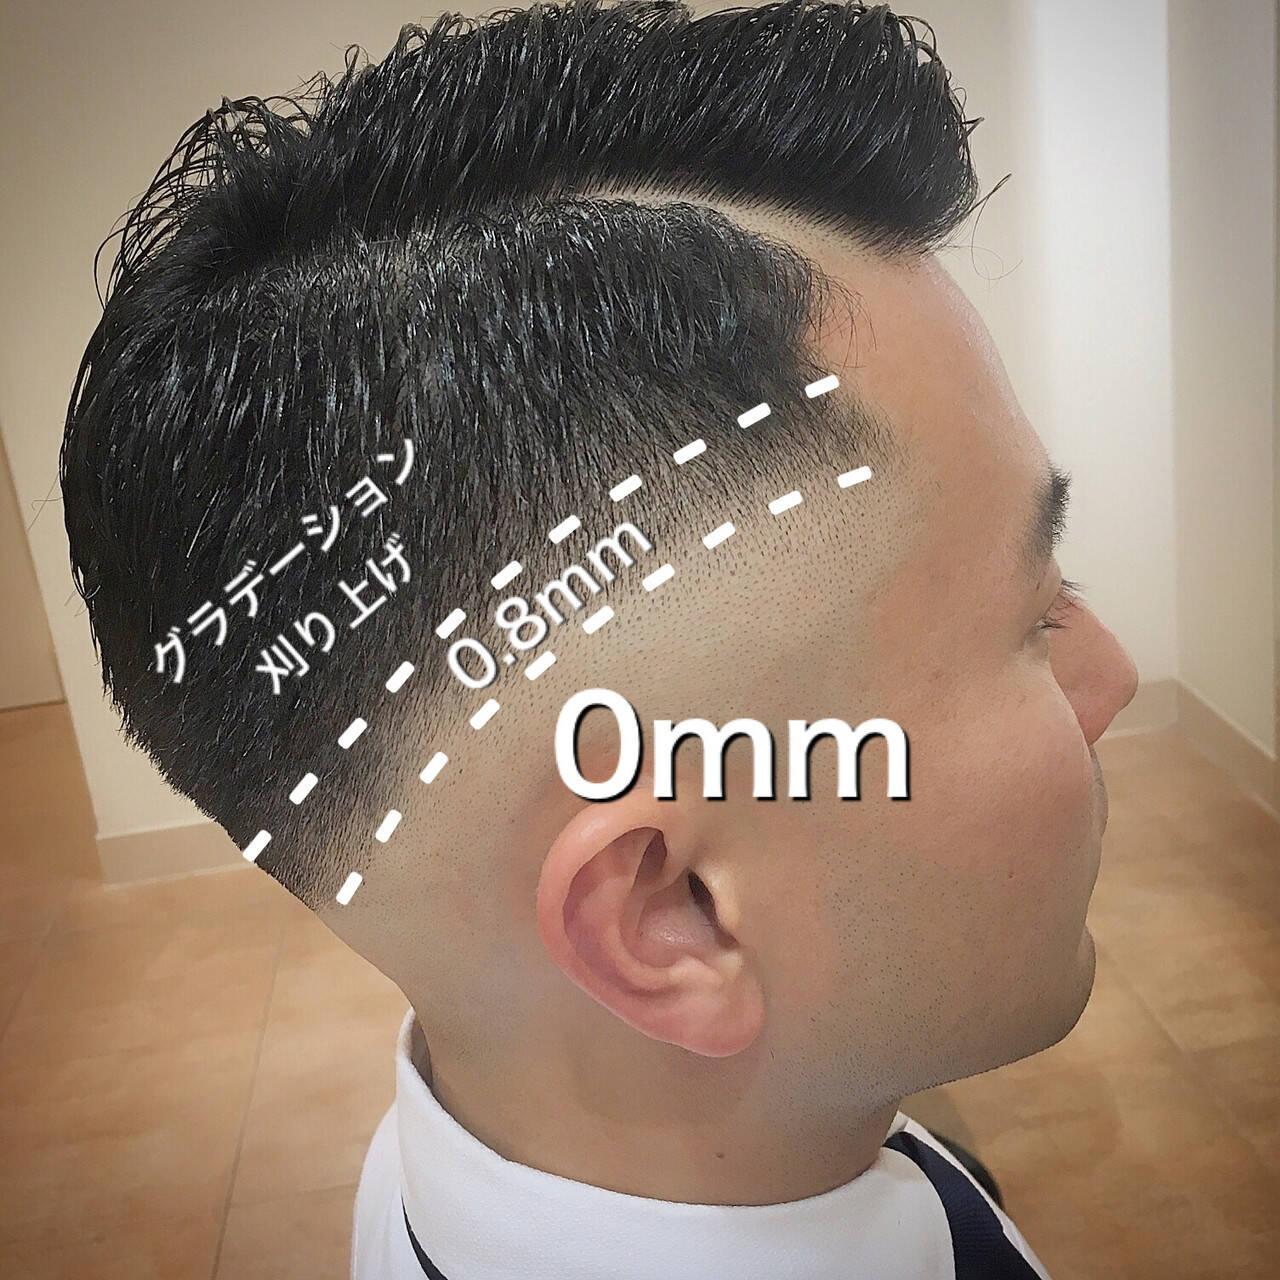 刈り上げ ショート メンズ ストリートヘアスタイルや髪型の写真・画像